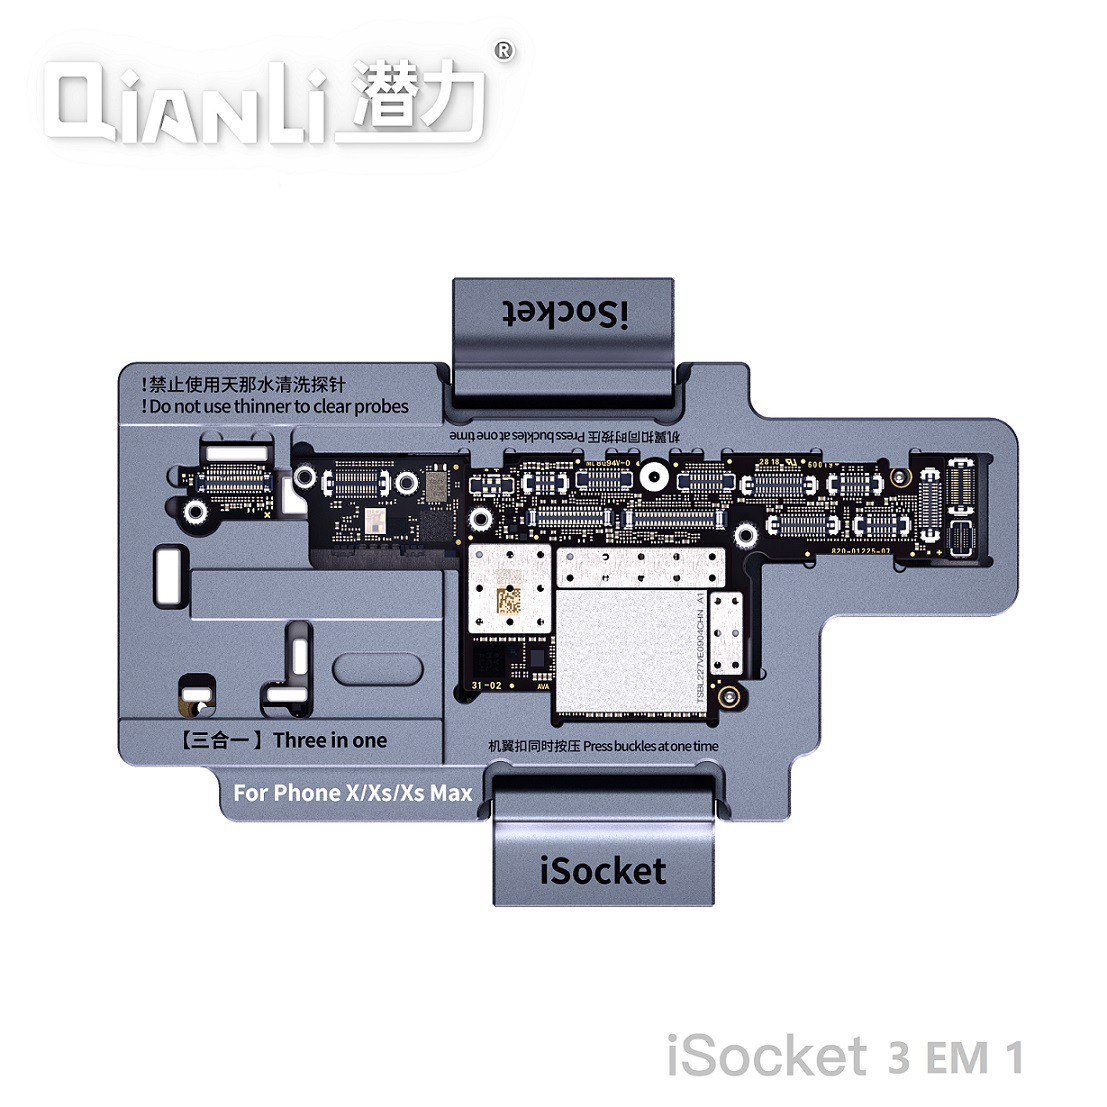 Qianli iSocket 3 em 1 para iPhone X / XS / XS max Quadro de teste em camadas da placa-mãe